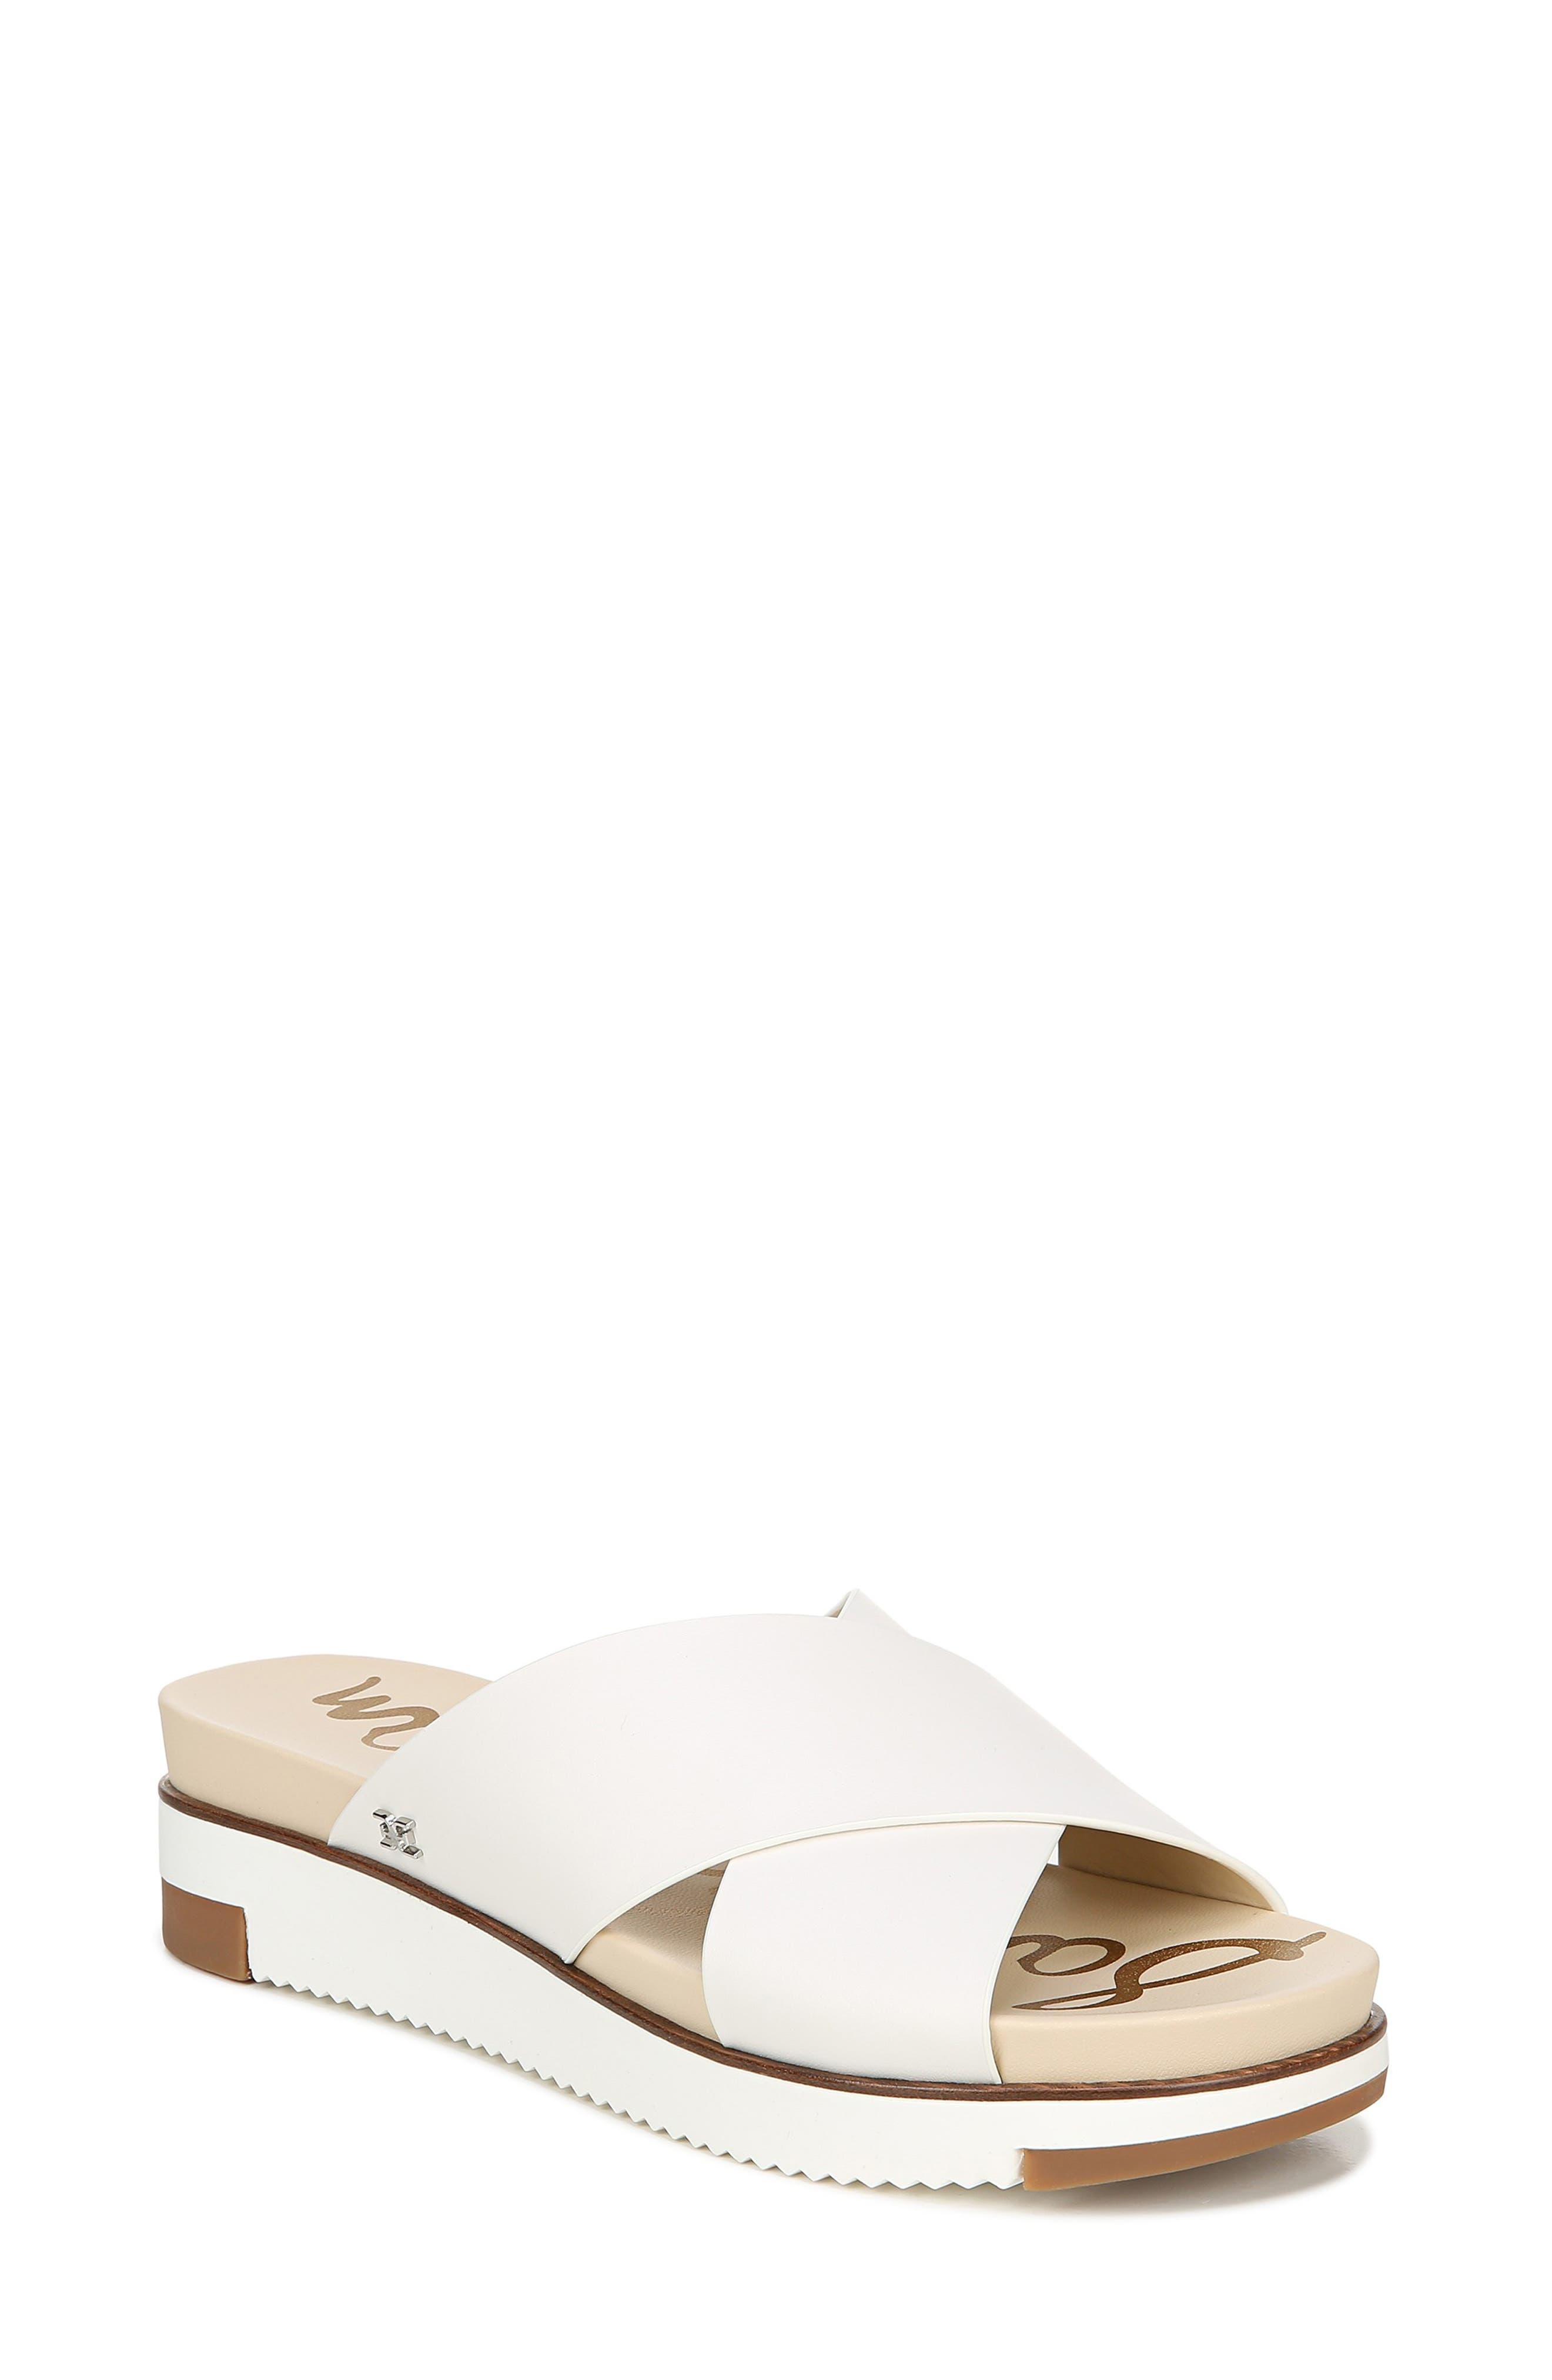 All Sizes Slider Denim Animal Royal Sandal